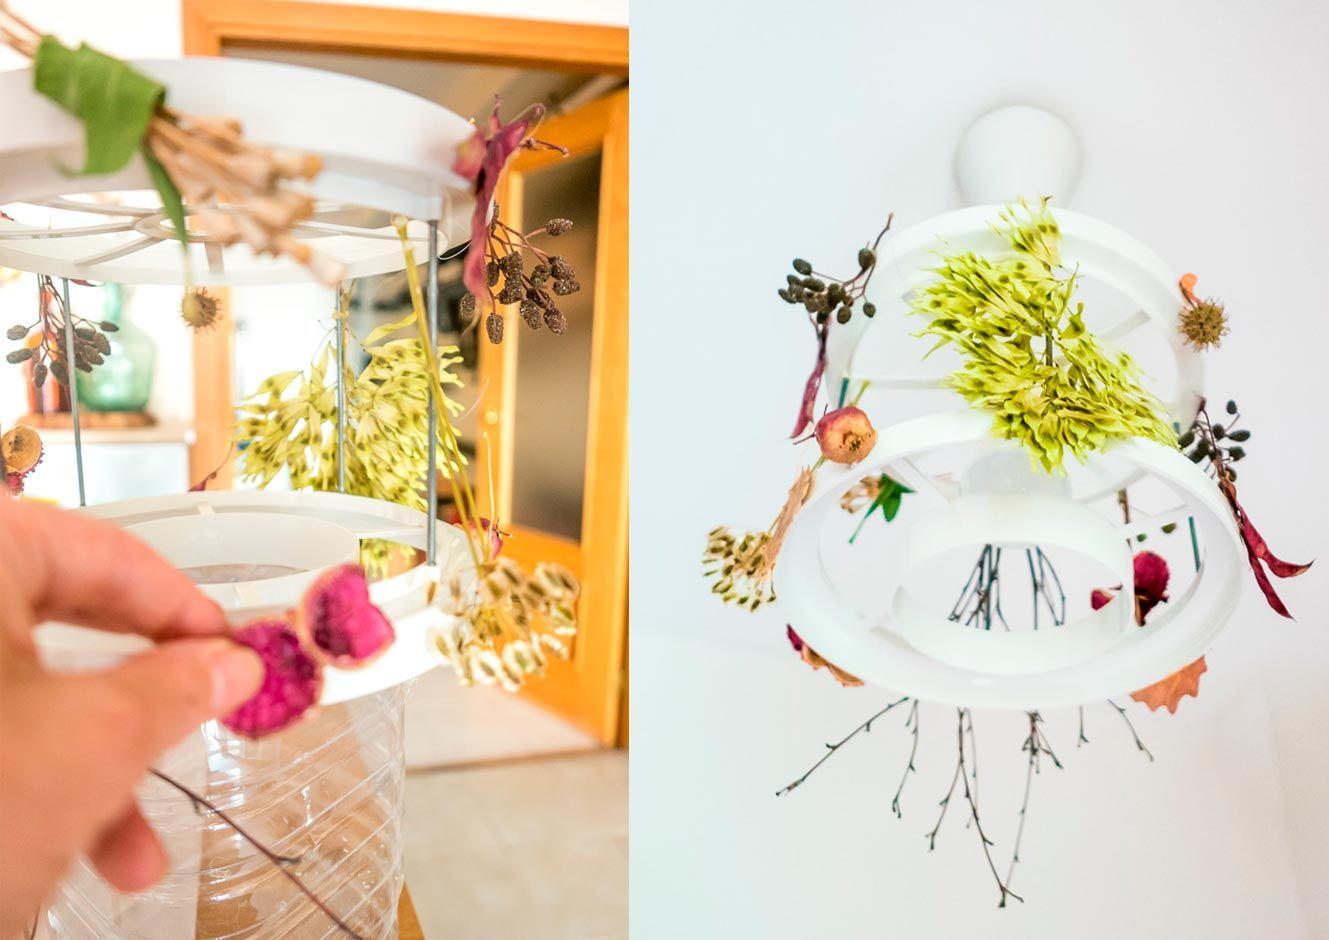 idées pour décorer la maison en automne - lampe